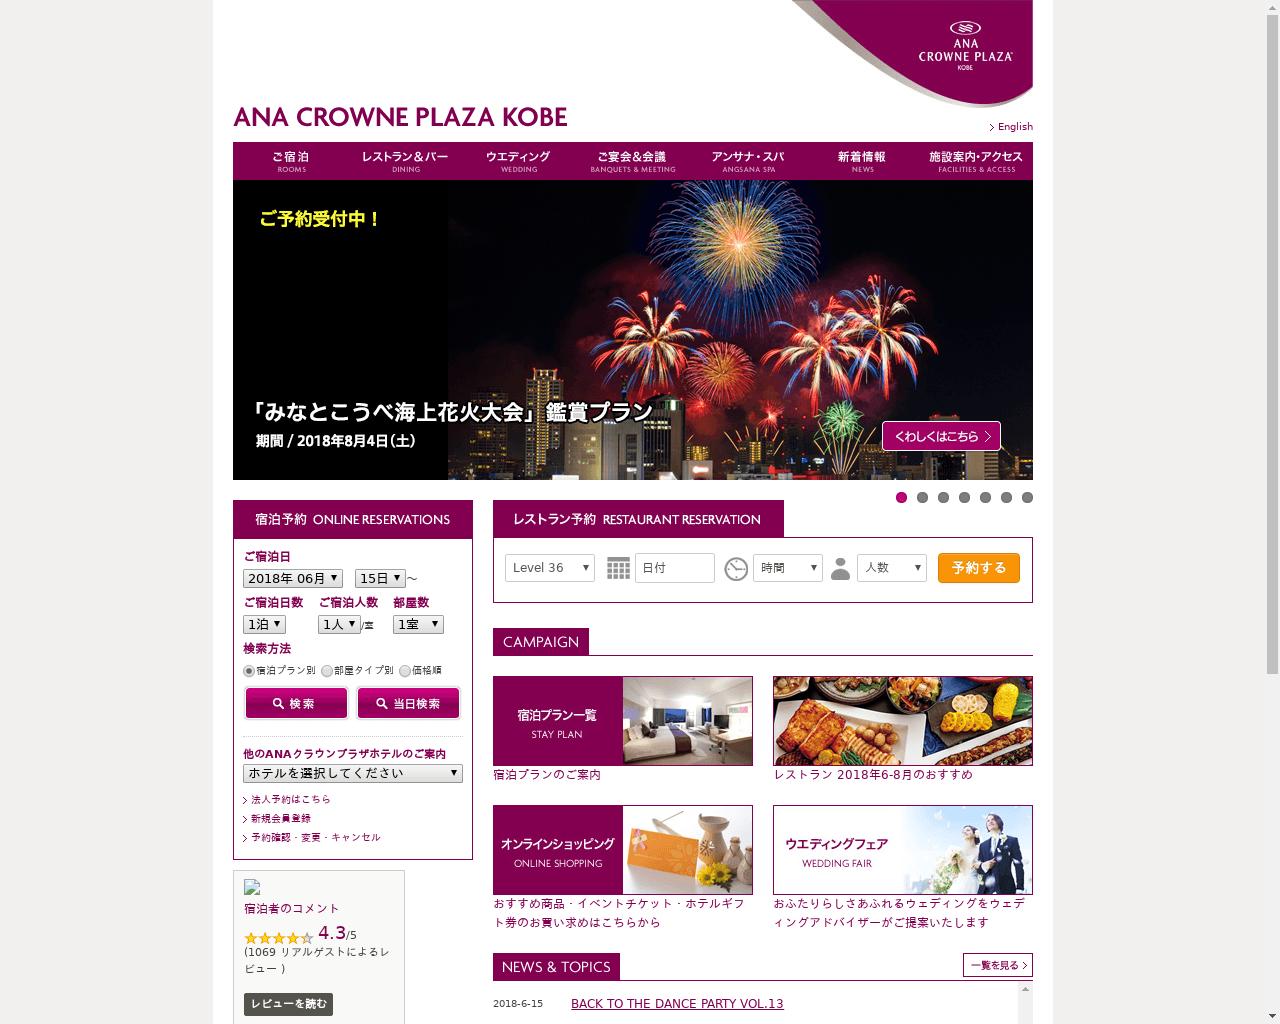 高級ホテル特集 ANAクラウンプラザホテル神戸